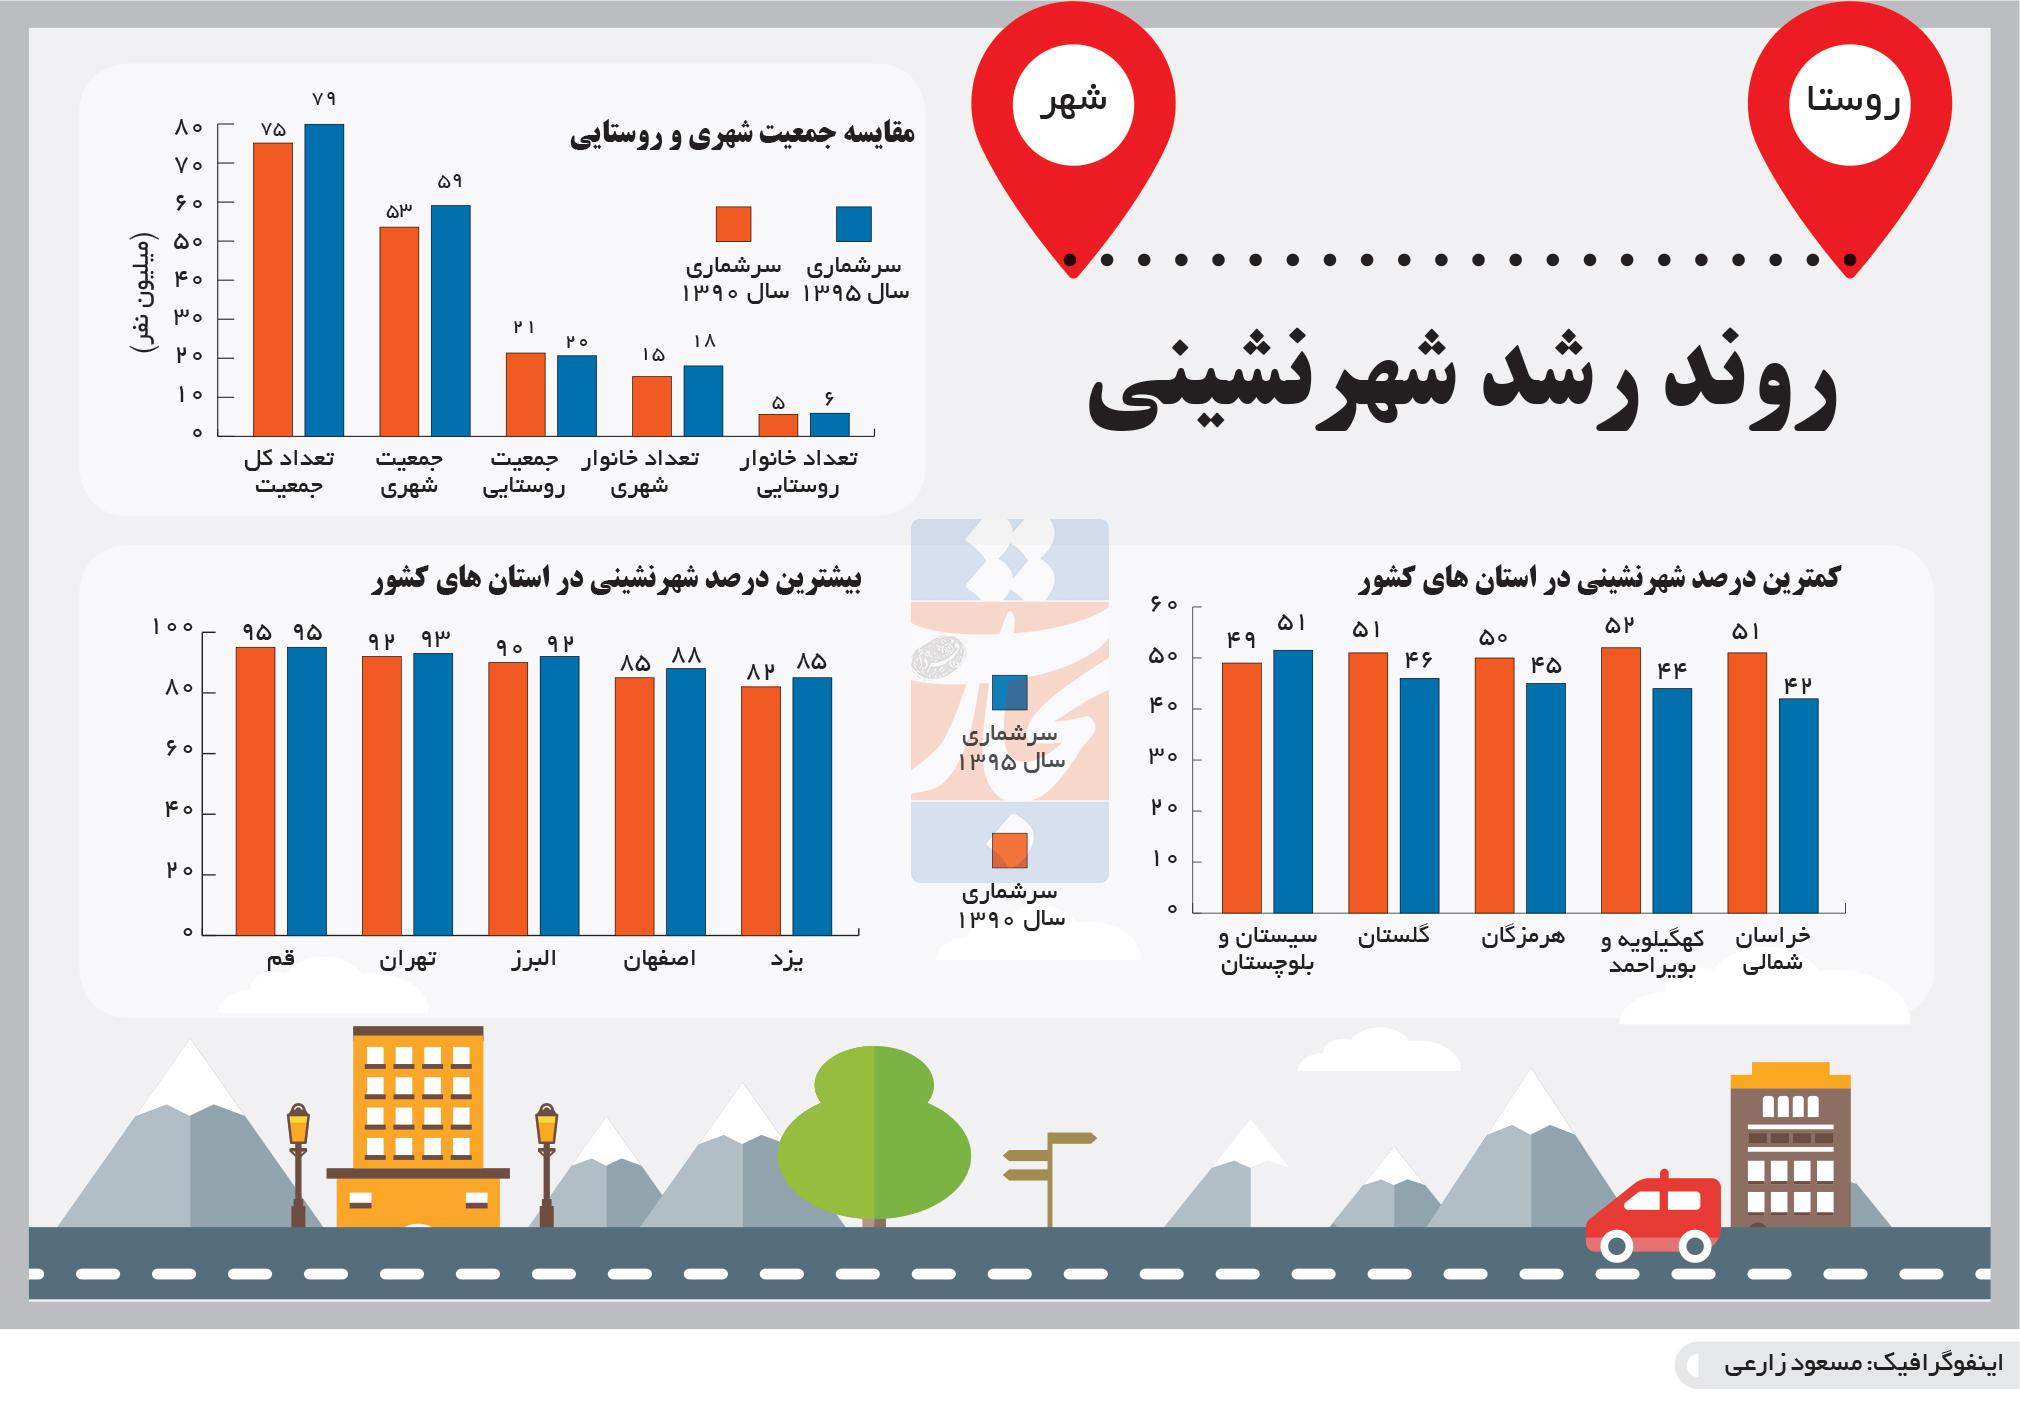 تجارت- فردا- روند رشد شهرنشینی(اینفوگرافیک)